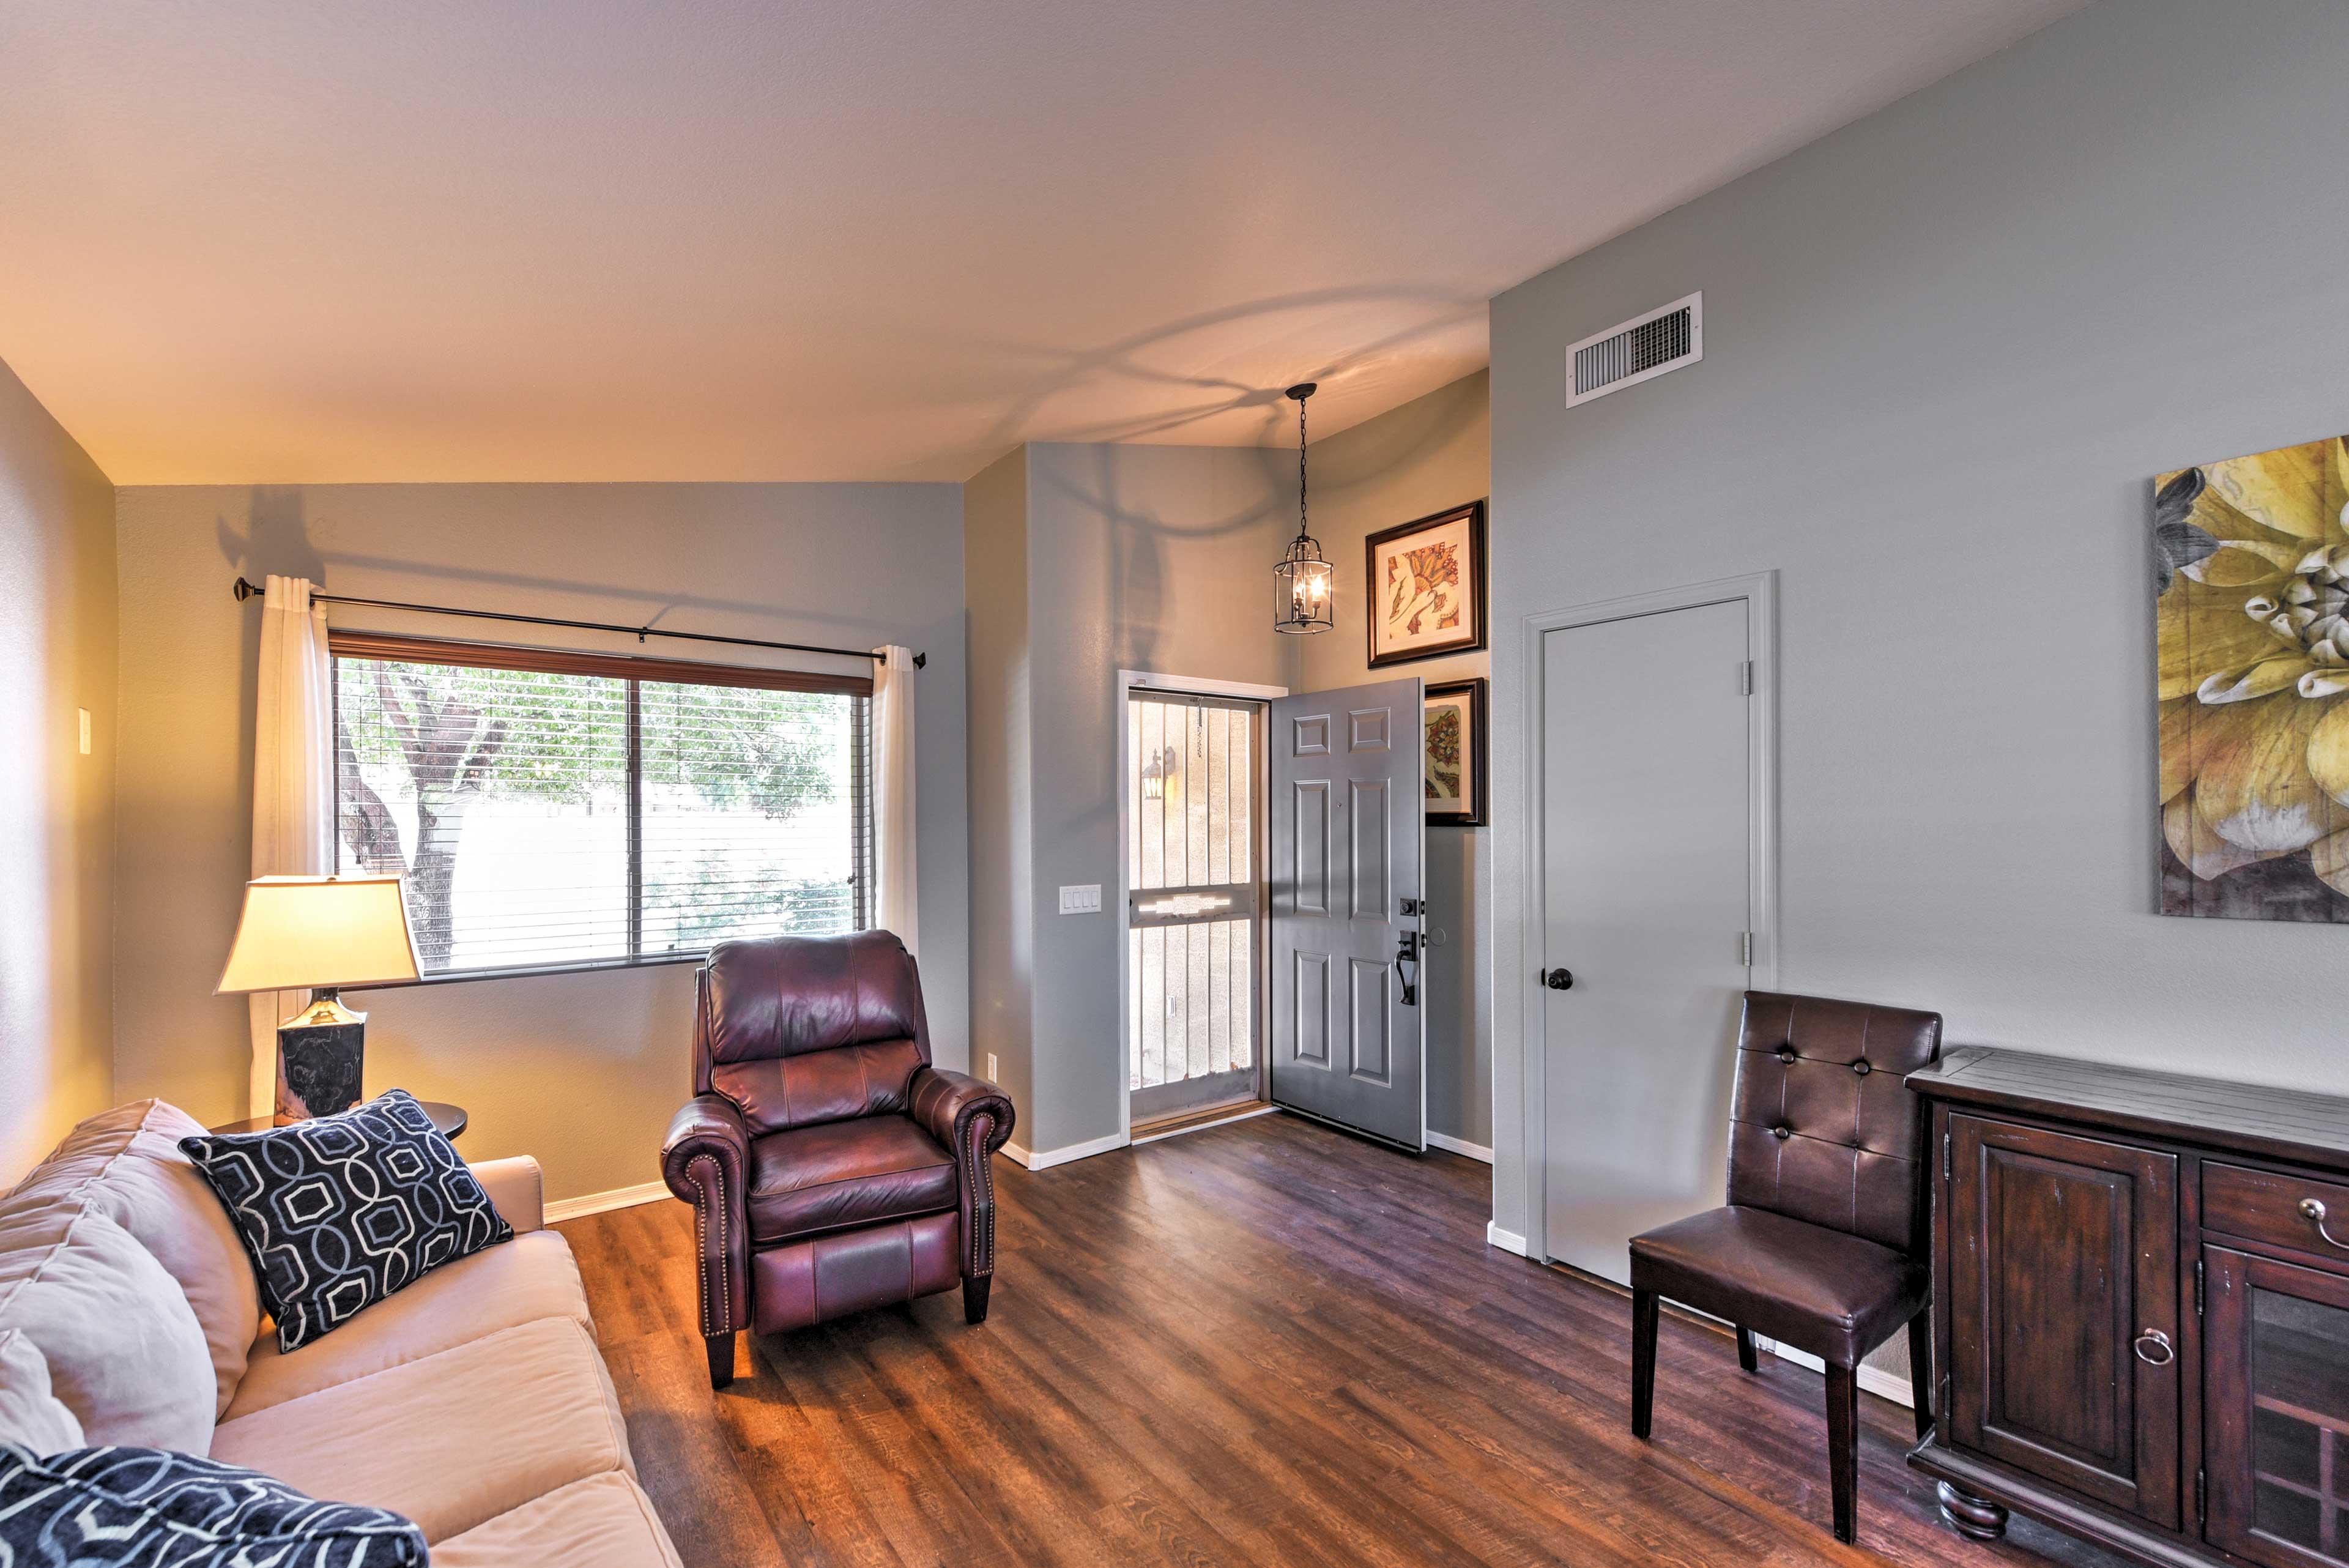 Enjoy an open-concept layout, hardwood floors, and elegant decor.